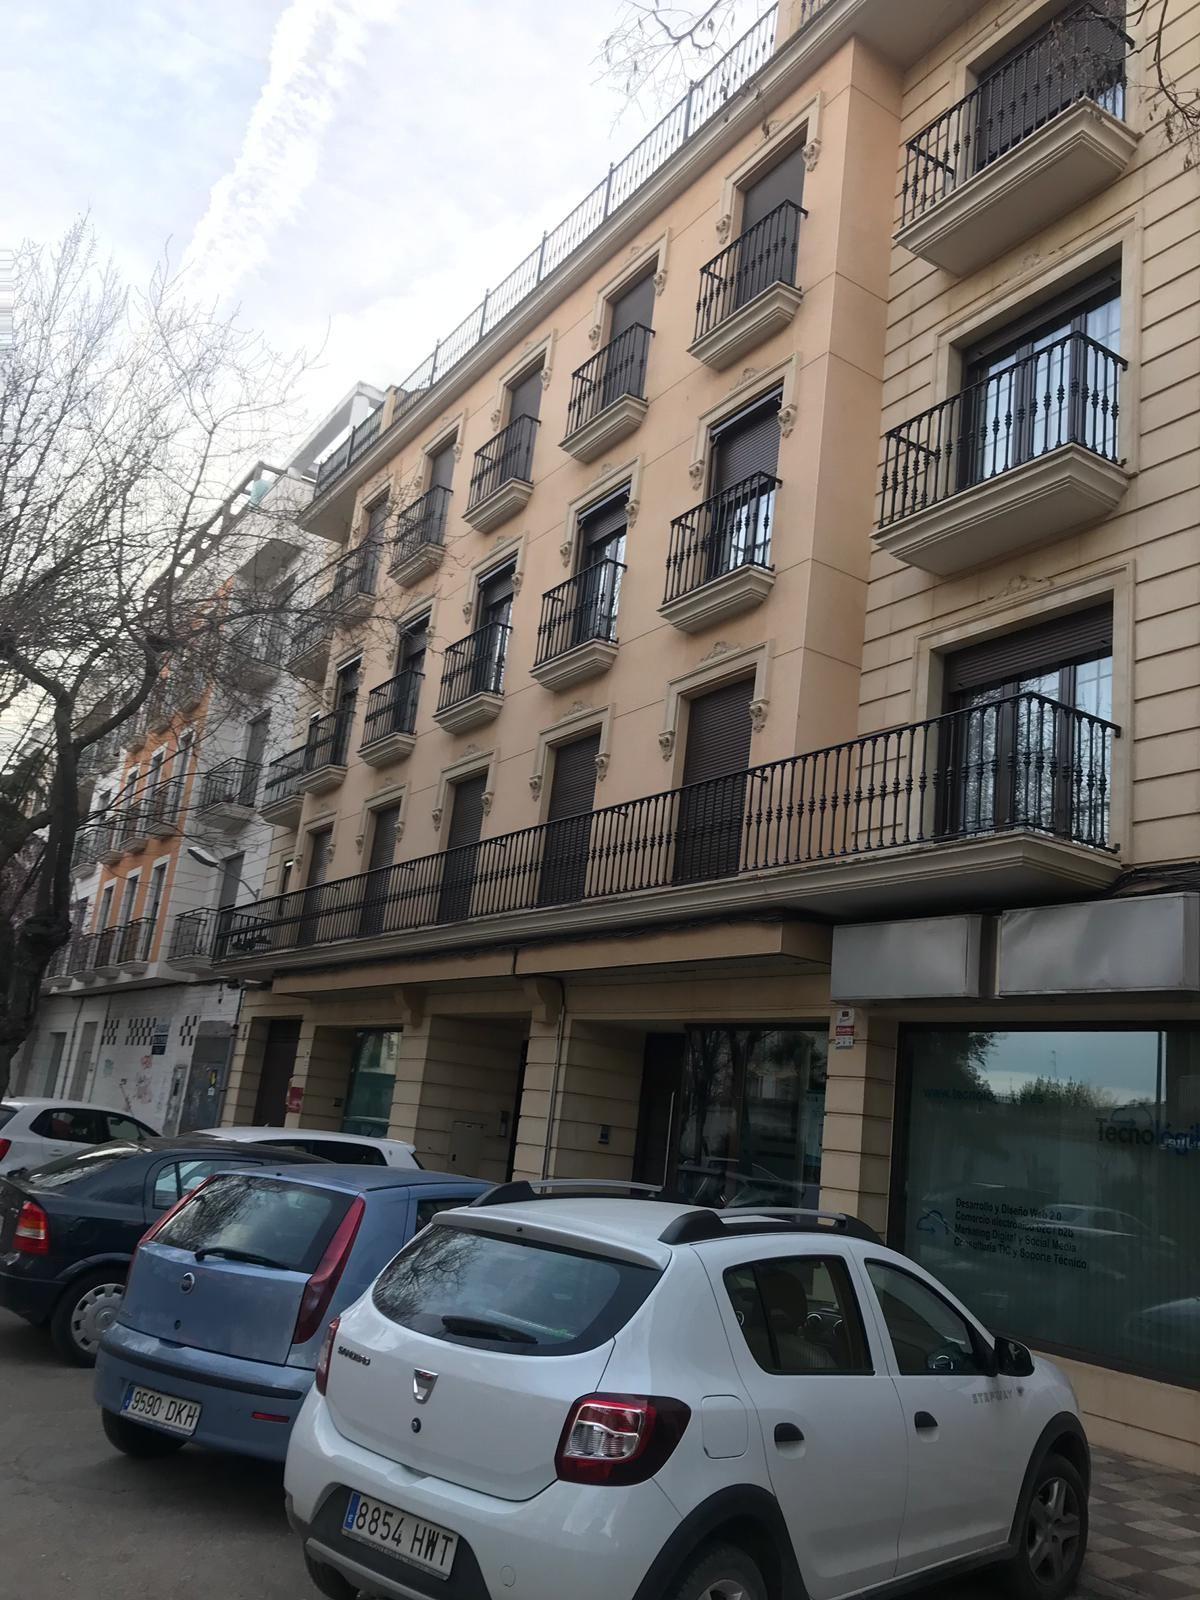 Piso en venta en Tomelloso, Ciudad Real, Paseo San Isidro, 157.000 €, 3 habitaciones, 3 baños, 150 m2